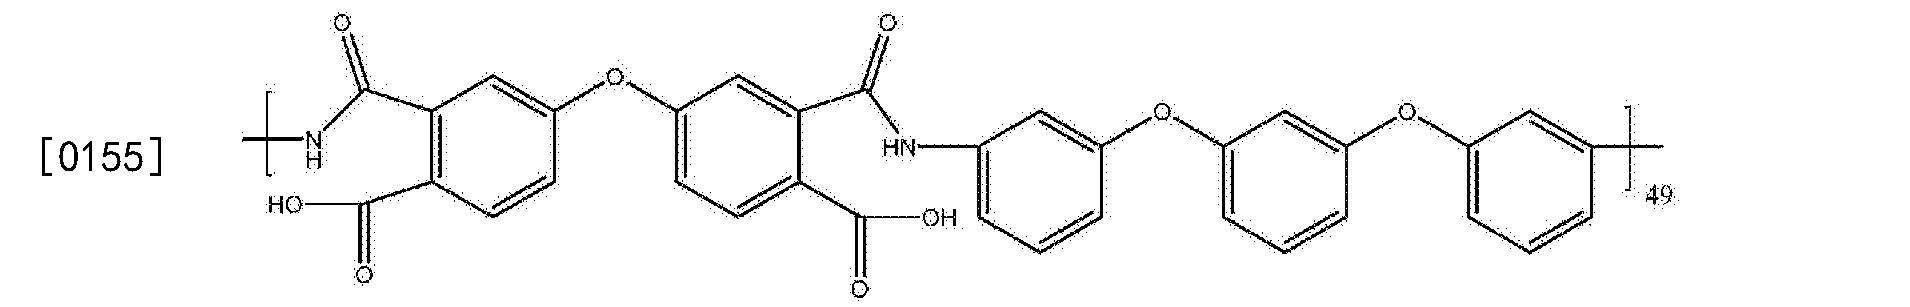 Figure CN104829837BD00203